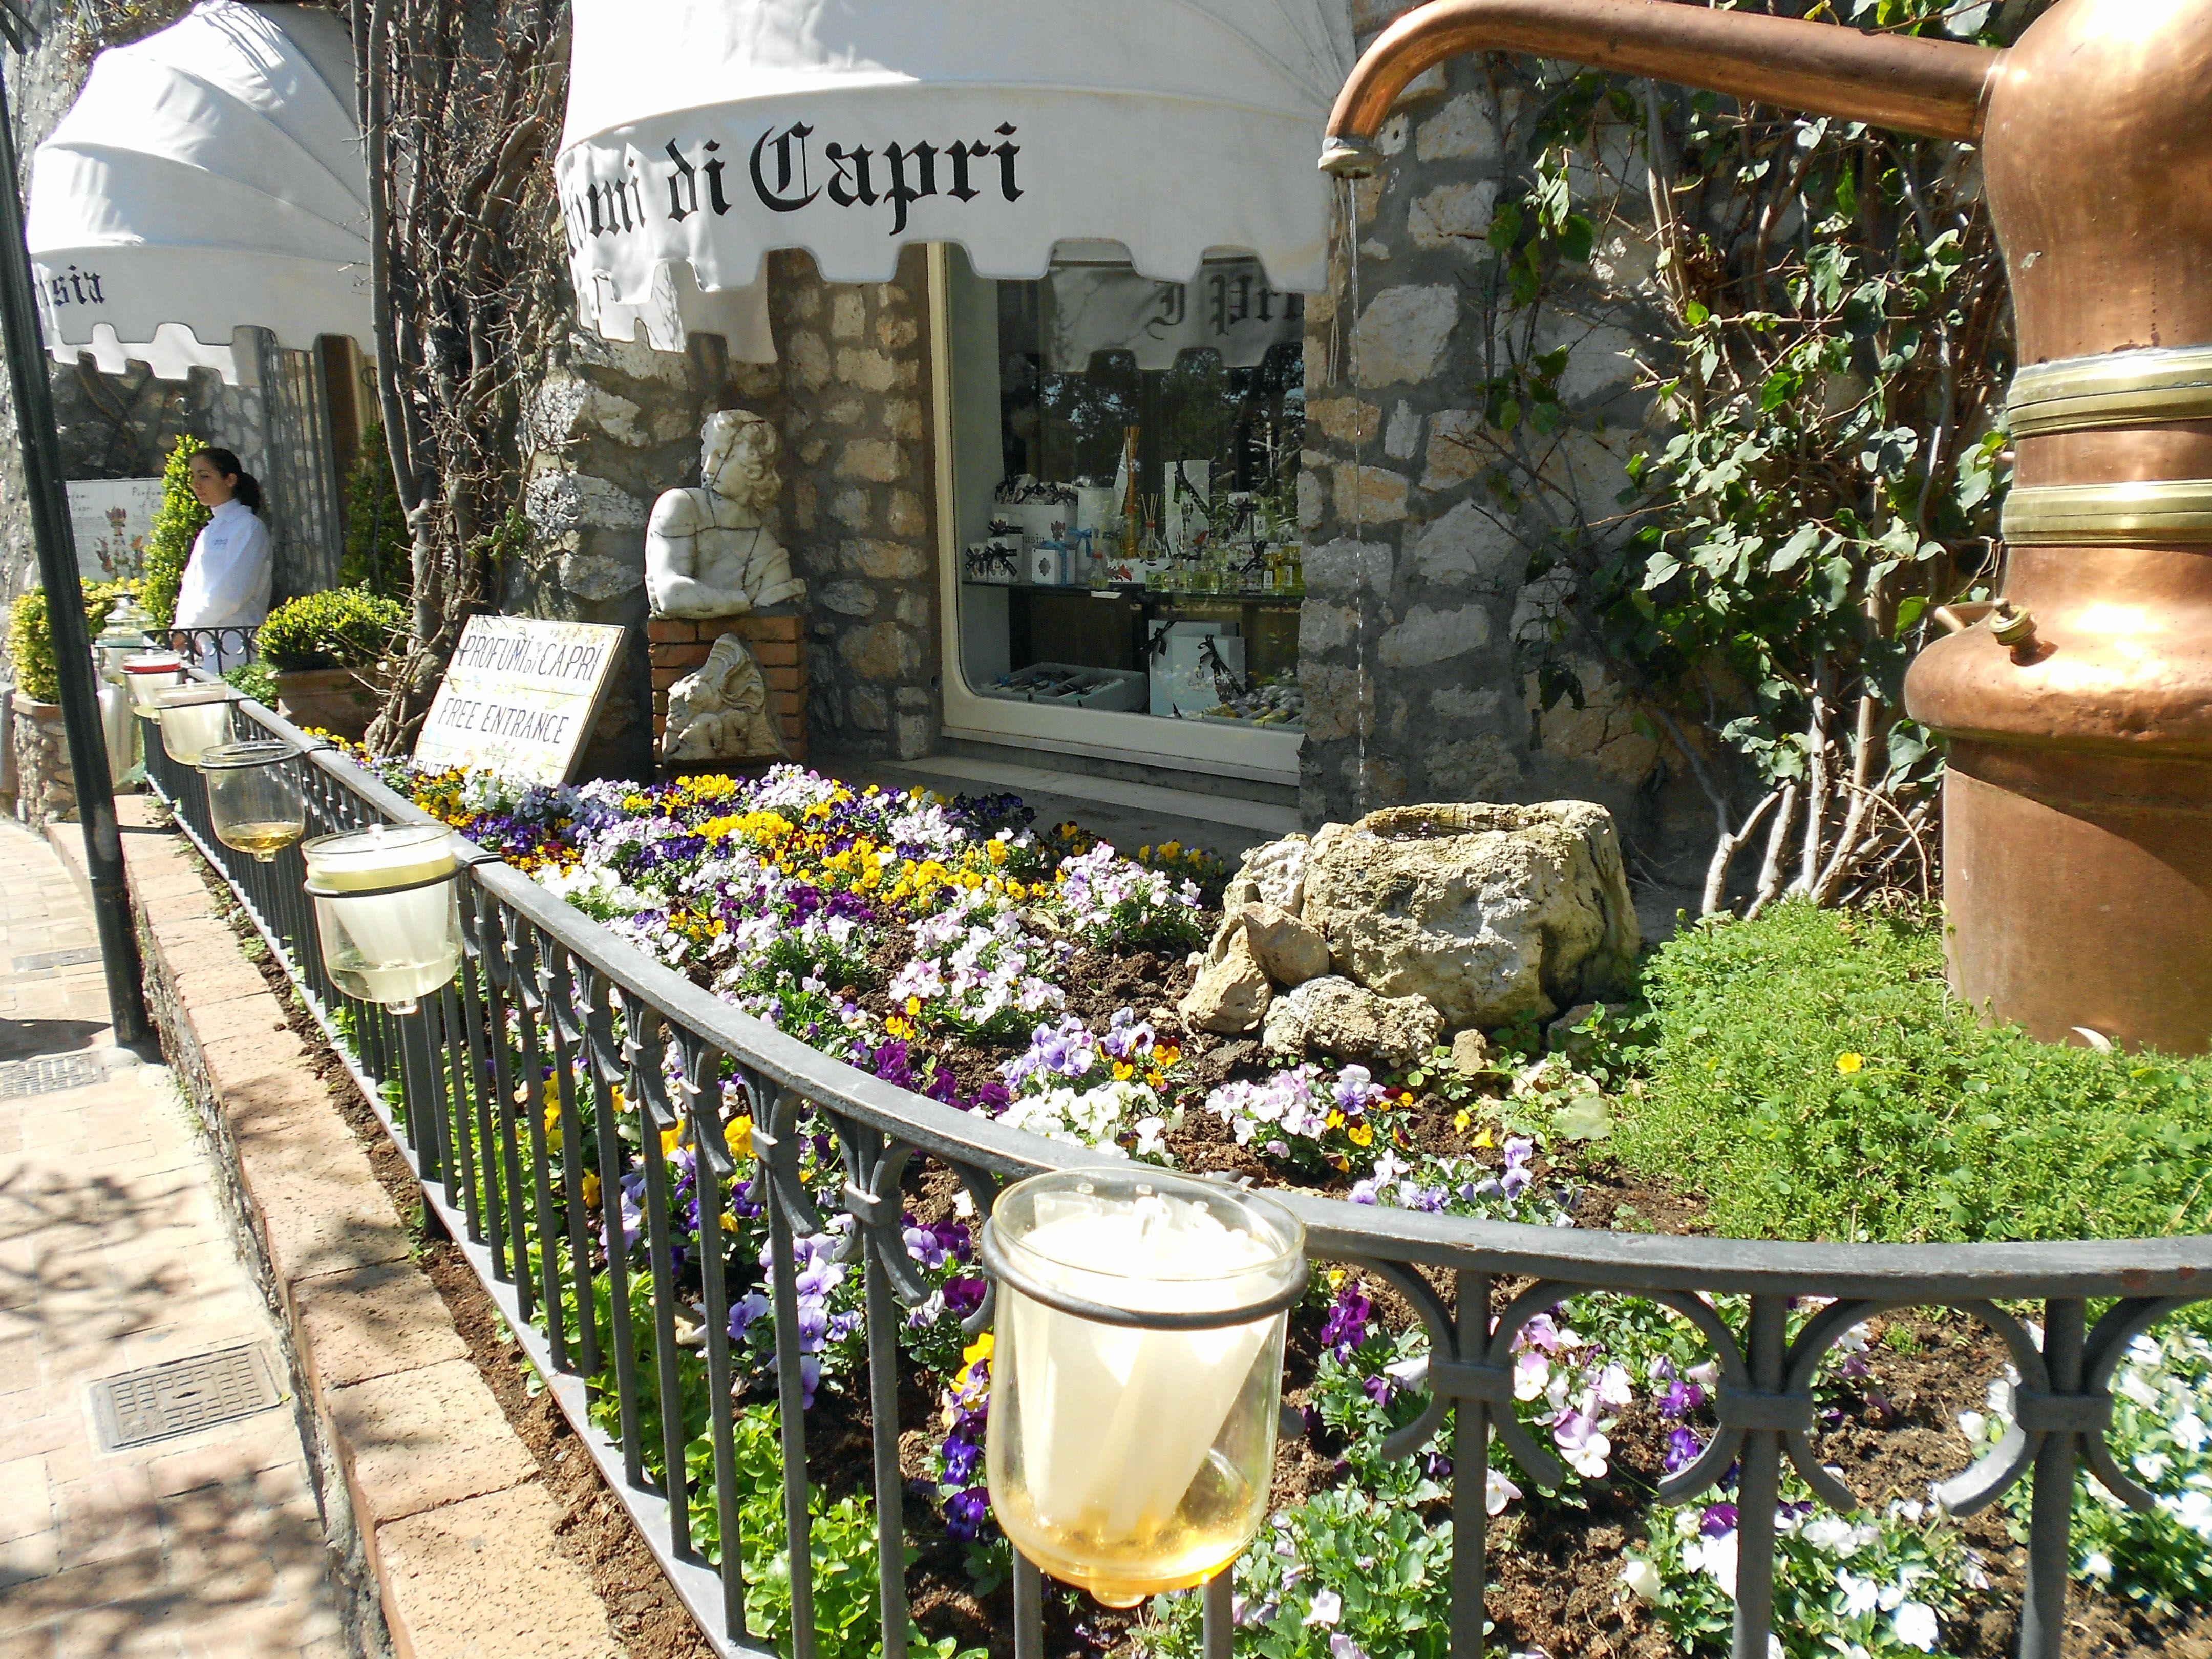 Perfume fills the air in Capri